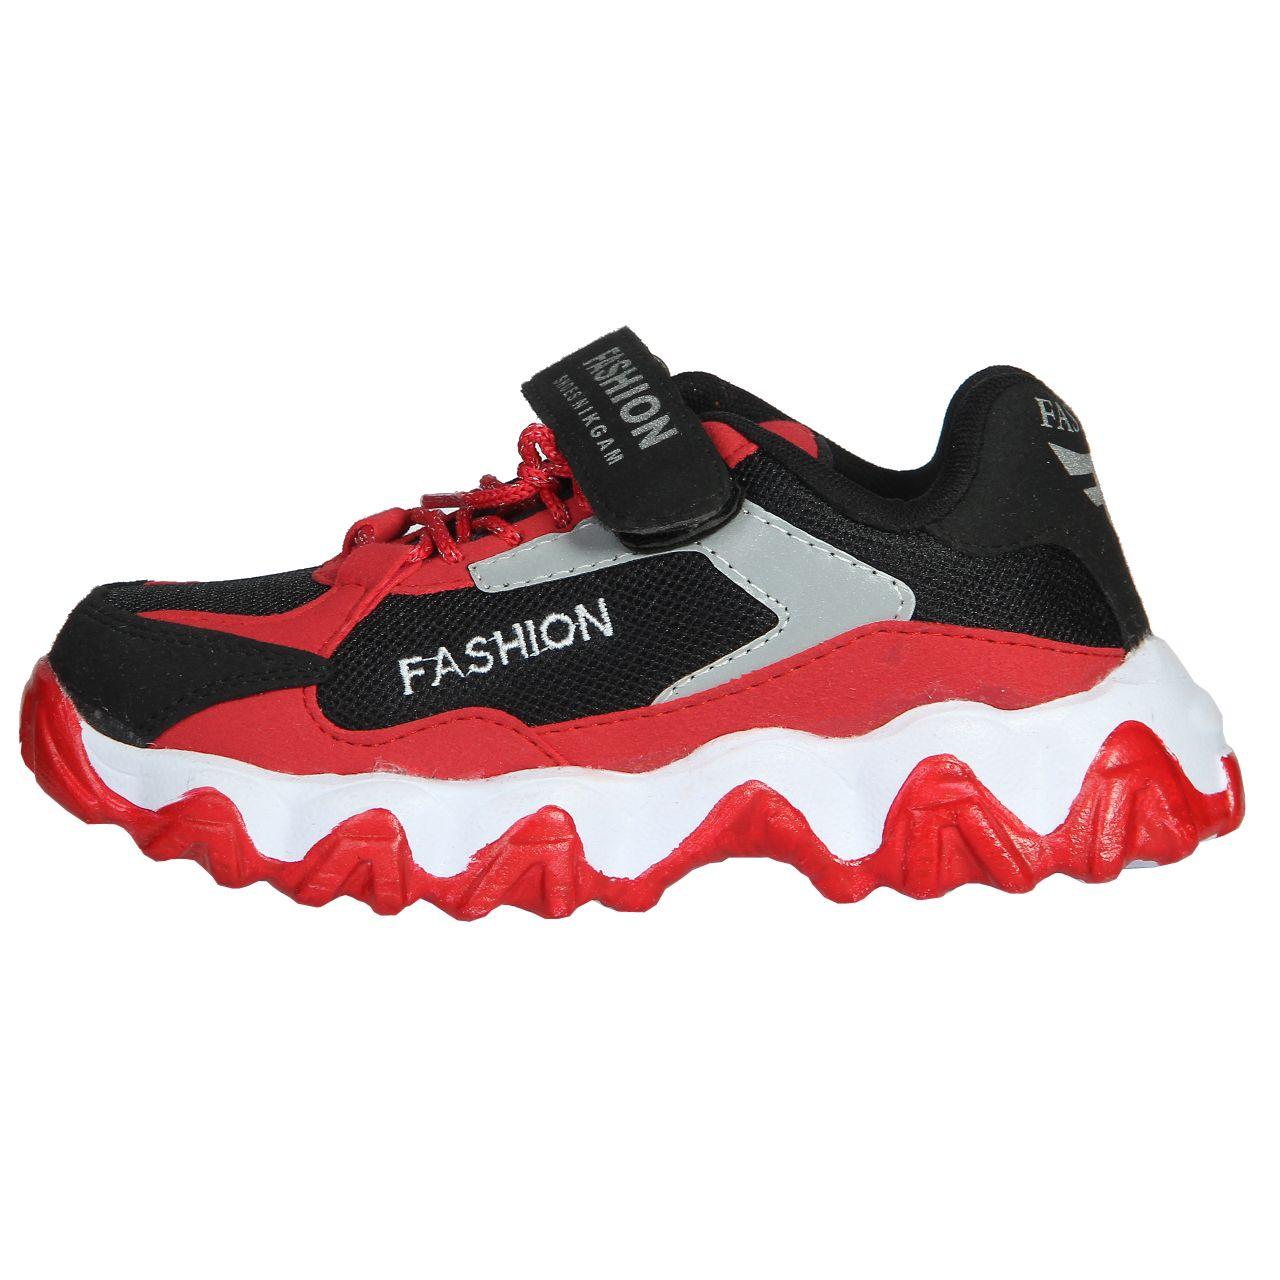 کفش مخصوص پیاده روی بچگانه کد 32201 -  - 2